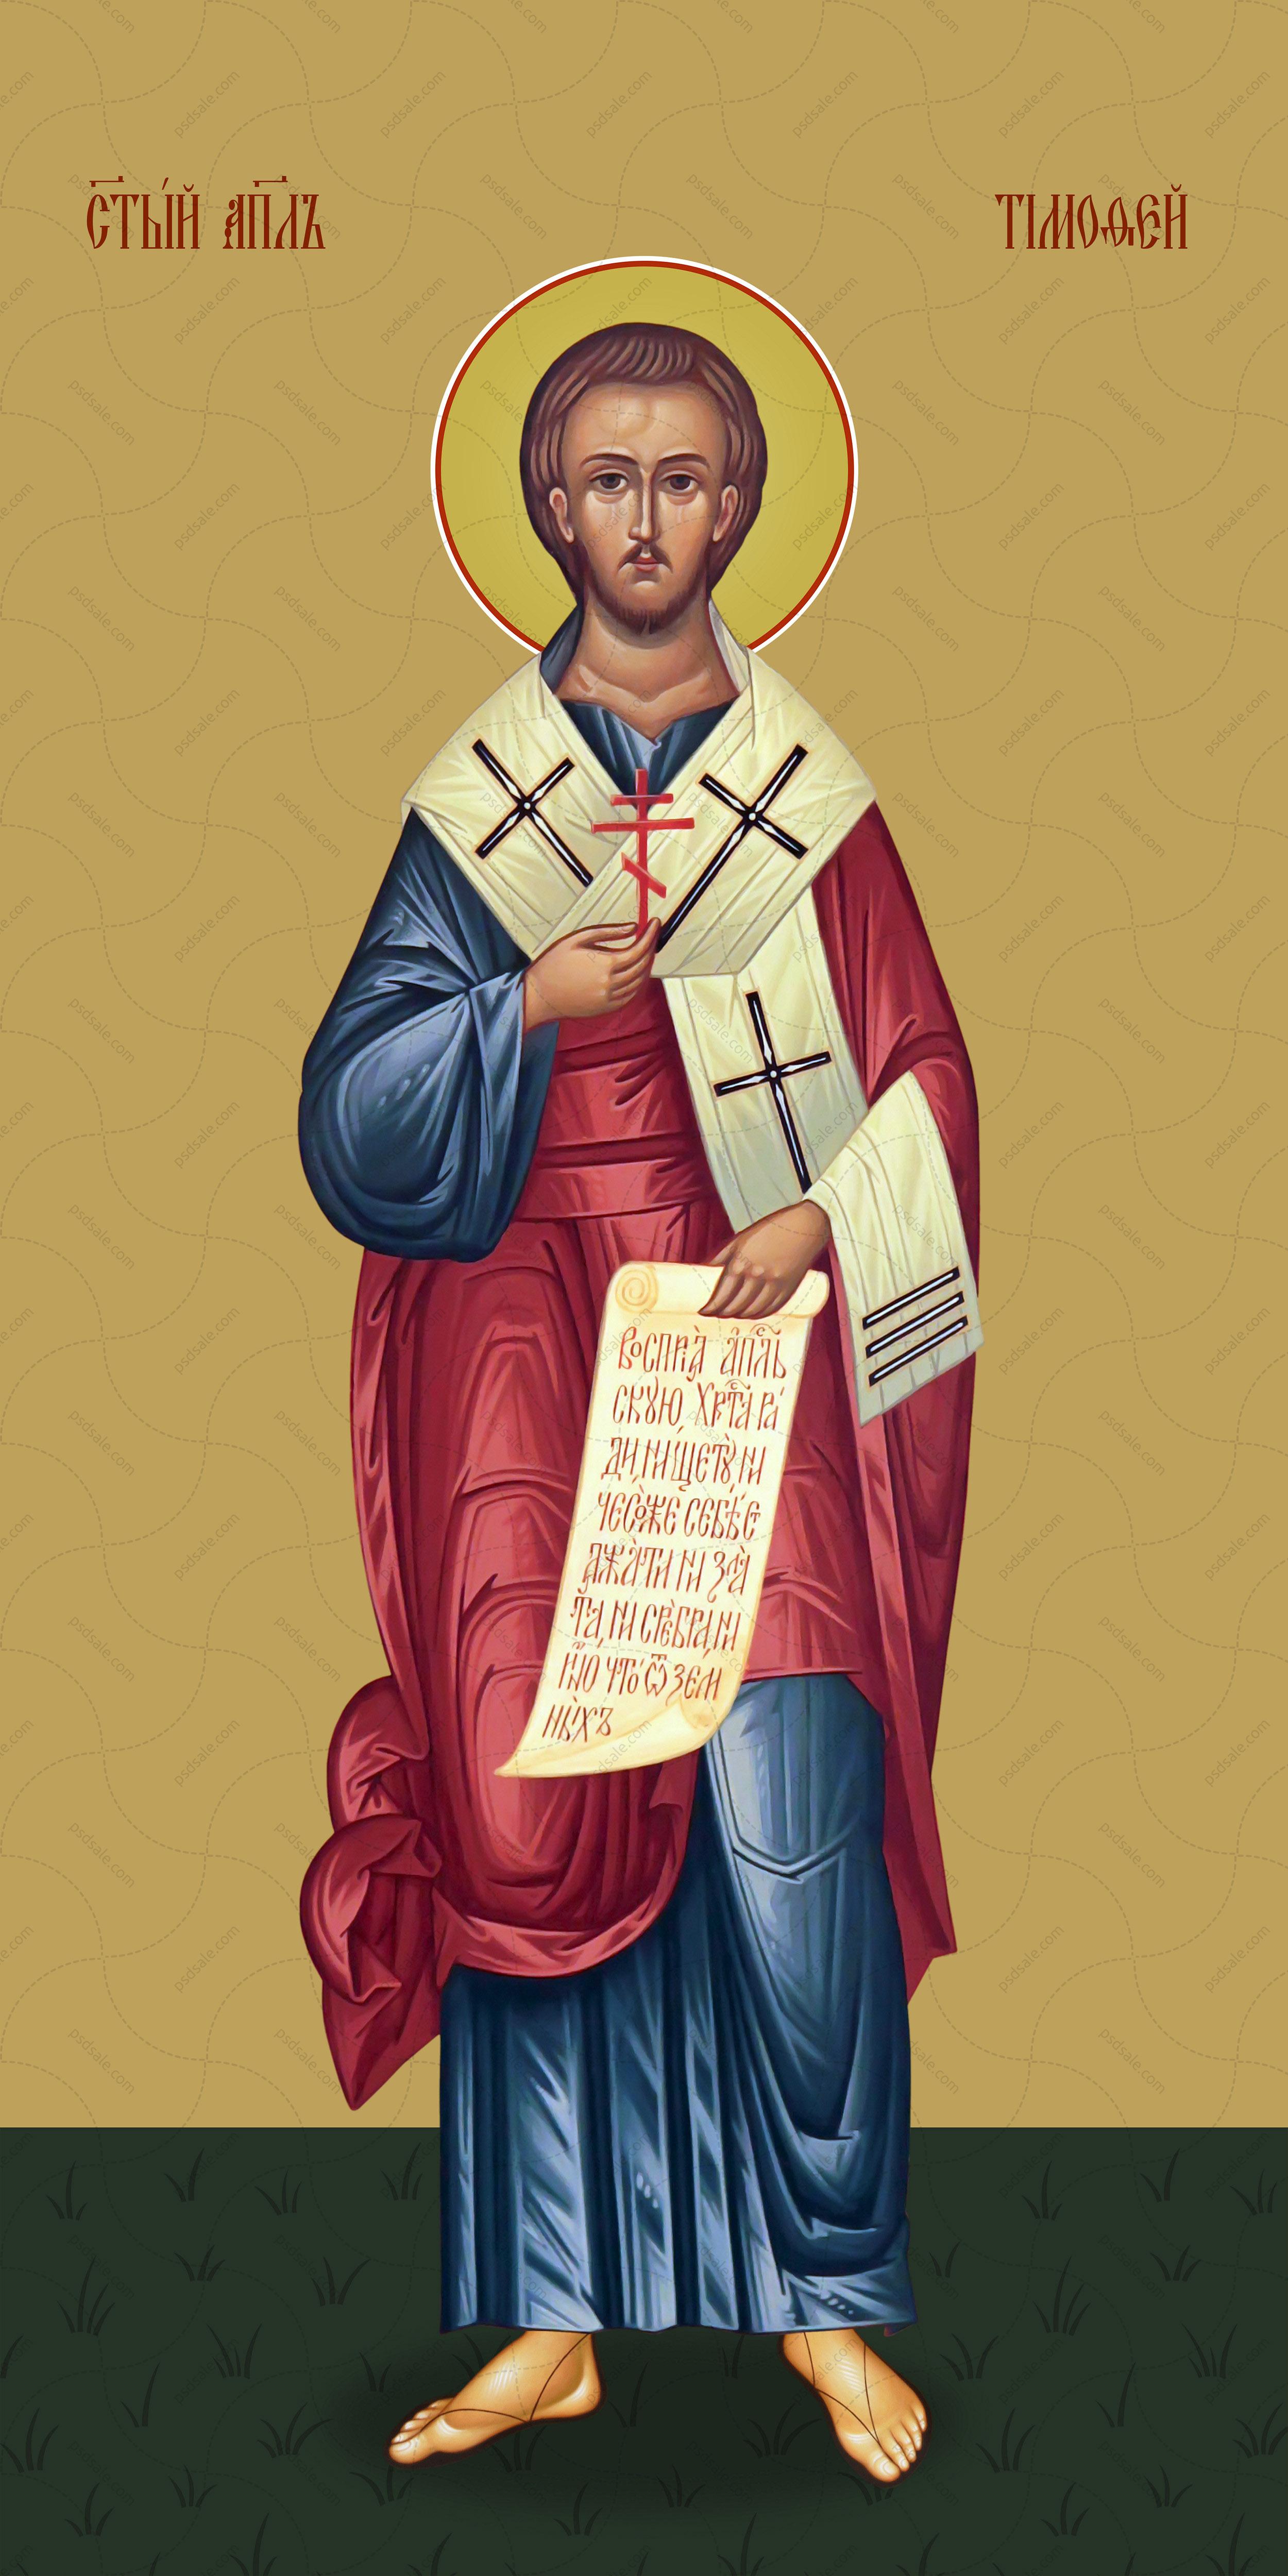 Мерная икона, Тимофей, святой апостол